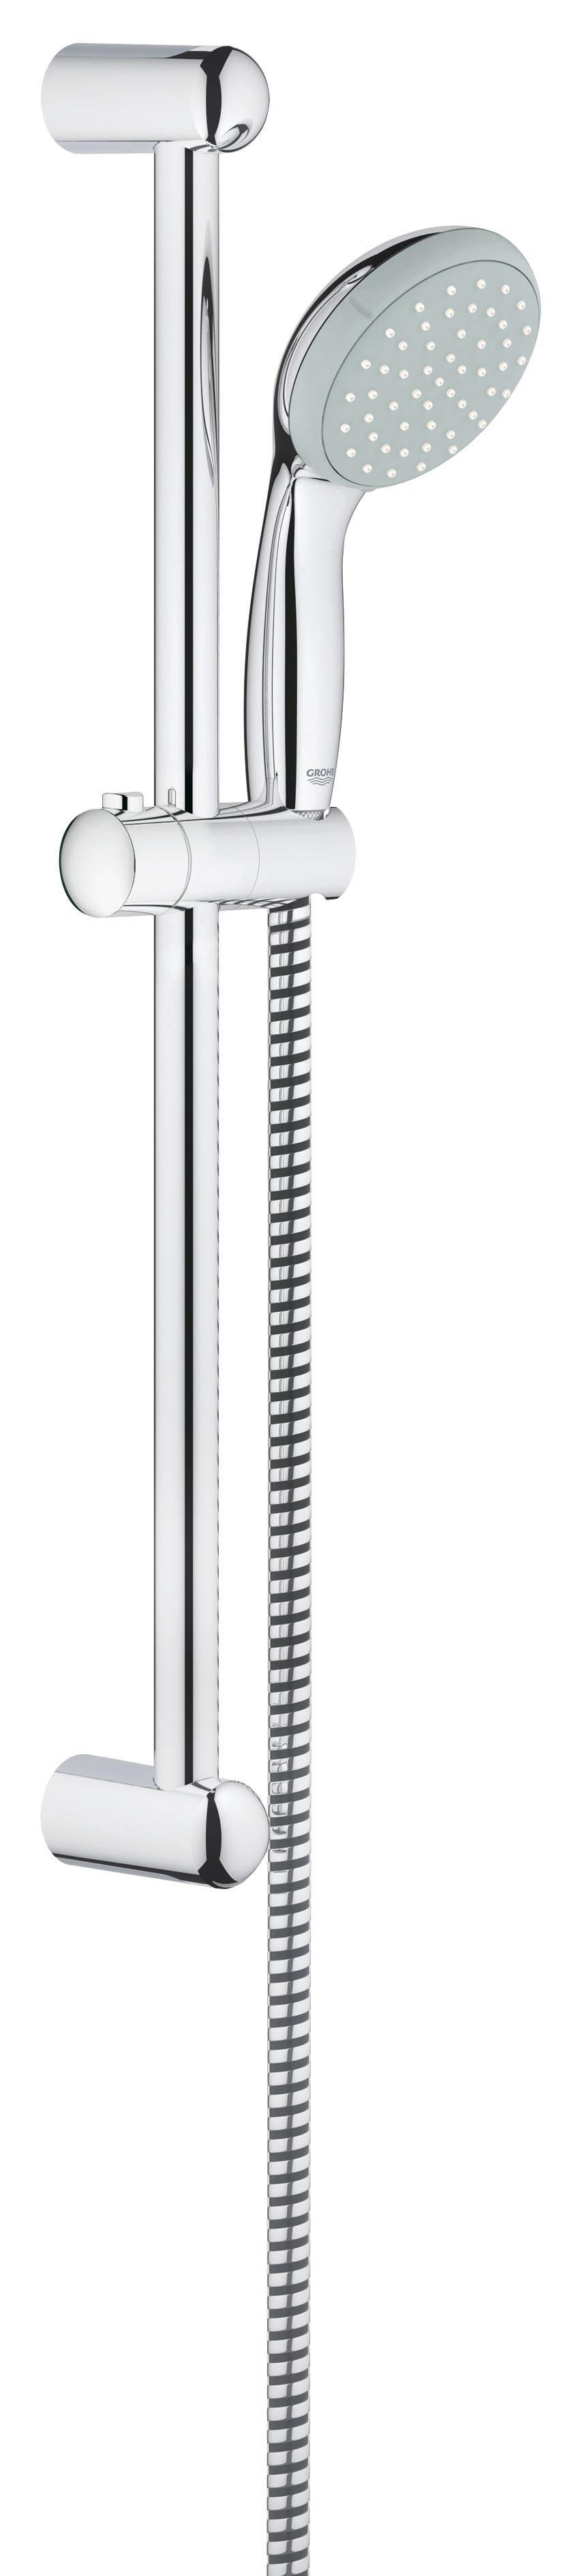 Душевой комплект GROHE Tempesta Classic I (27853000)BL505GROHE New Tempesta 100: душевой гарнитур со штангой длиной 600 мм и душевой головкой диаметром 100 мм для расслабляющих водных процедур в стиле спа Этот душевой гарнитур с настенным держателем из серии New Tempesta 100 в комплекте с душевой головкой, штангой и шлангом, избавит Вас от необходимости поиска и подбора отдельных элементов. Все компоненты гарнитура отличаются эстетичным дизайном, а также высокой износостойкостью и простотой в уходе за счет глянцевого хромированного покрытия GROHE StarLight. Силиконовое кольцо ShockProof защитит ручной душ от повреждений в случае падения. В режиме Rain Вас окутает ласковый поток капель, напоминающий теплый летний дождь, и каждое принятие душа превратится в расслабляющую спа-процедуру. Технология GROHE DreamSpray обеспечивает равномерность душевой струи, а система SpeedClean предотвращает известкование форсунок душевой головки.Особенности:Включает в себя: Ручной душ (27 852 000) Душевая штанга, 600 мм (27 523 000) Душевой шланг Relexaflex 1750 мм 1/2? x 1/2? (28 154 000) GROHE DreamSpray превосходный поток воды GROHE StarLight хромированная поверхностьС системой SpeedClean против известковых отложений Внутренний охлаждающий канал для продолжительного срока службы ShockProof силиконовое кольцо, предотвращающееПовреждение поверхности при падении ручного душа Может использоваться с проточным водонагревателемВидео по установке является исключительно информационным. Установка должна проводиться профессионалами! Характеристики: Материал: ABS-пластик, металл. Высота штанги: 60 см. Длина шланга: 175 см. Размер упаковки: 69 см х 15 см х 7 см. Артикул: м.